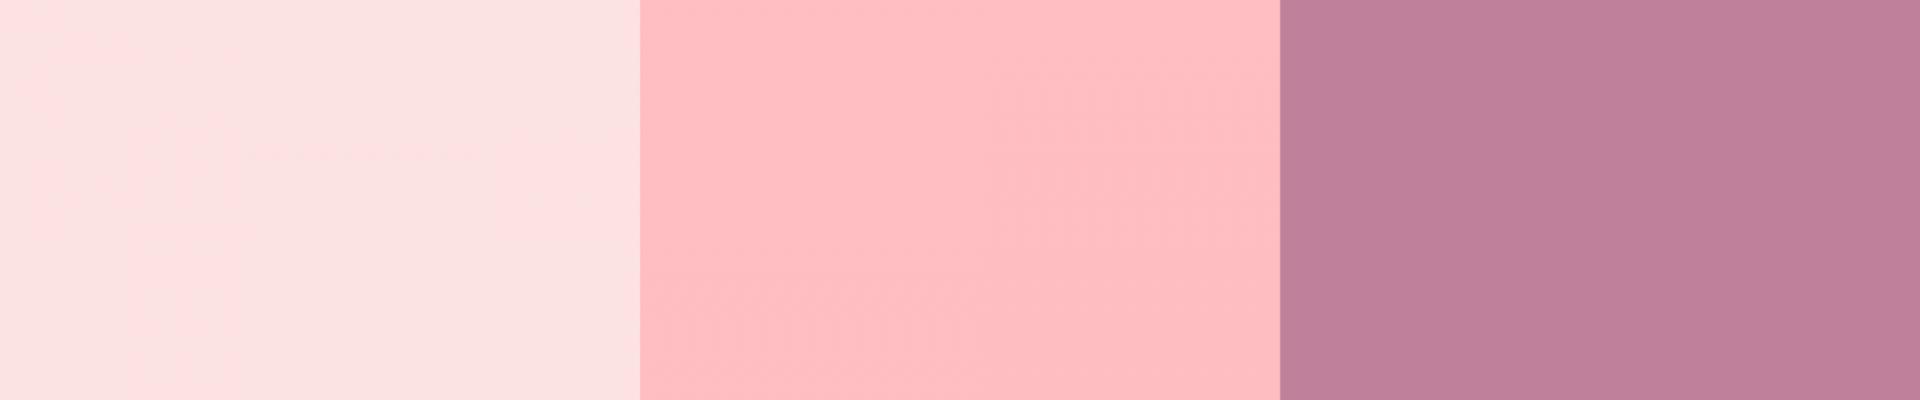 couleur rose foncé couleur rose fuchsia couleur rose pastel couleur rose bonbon rose balais rose clair couleur rose poudré rose fushia